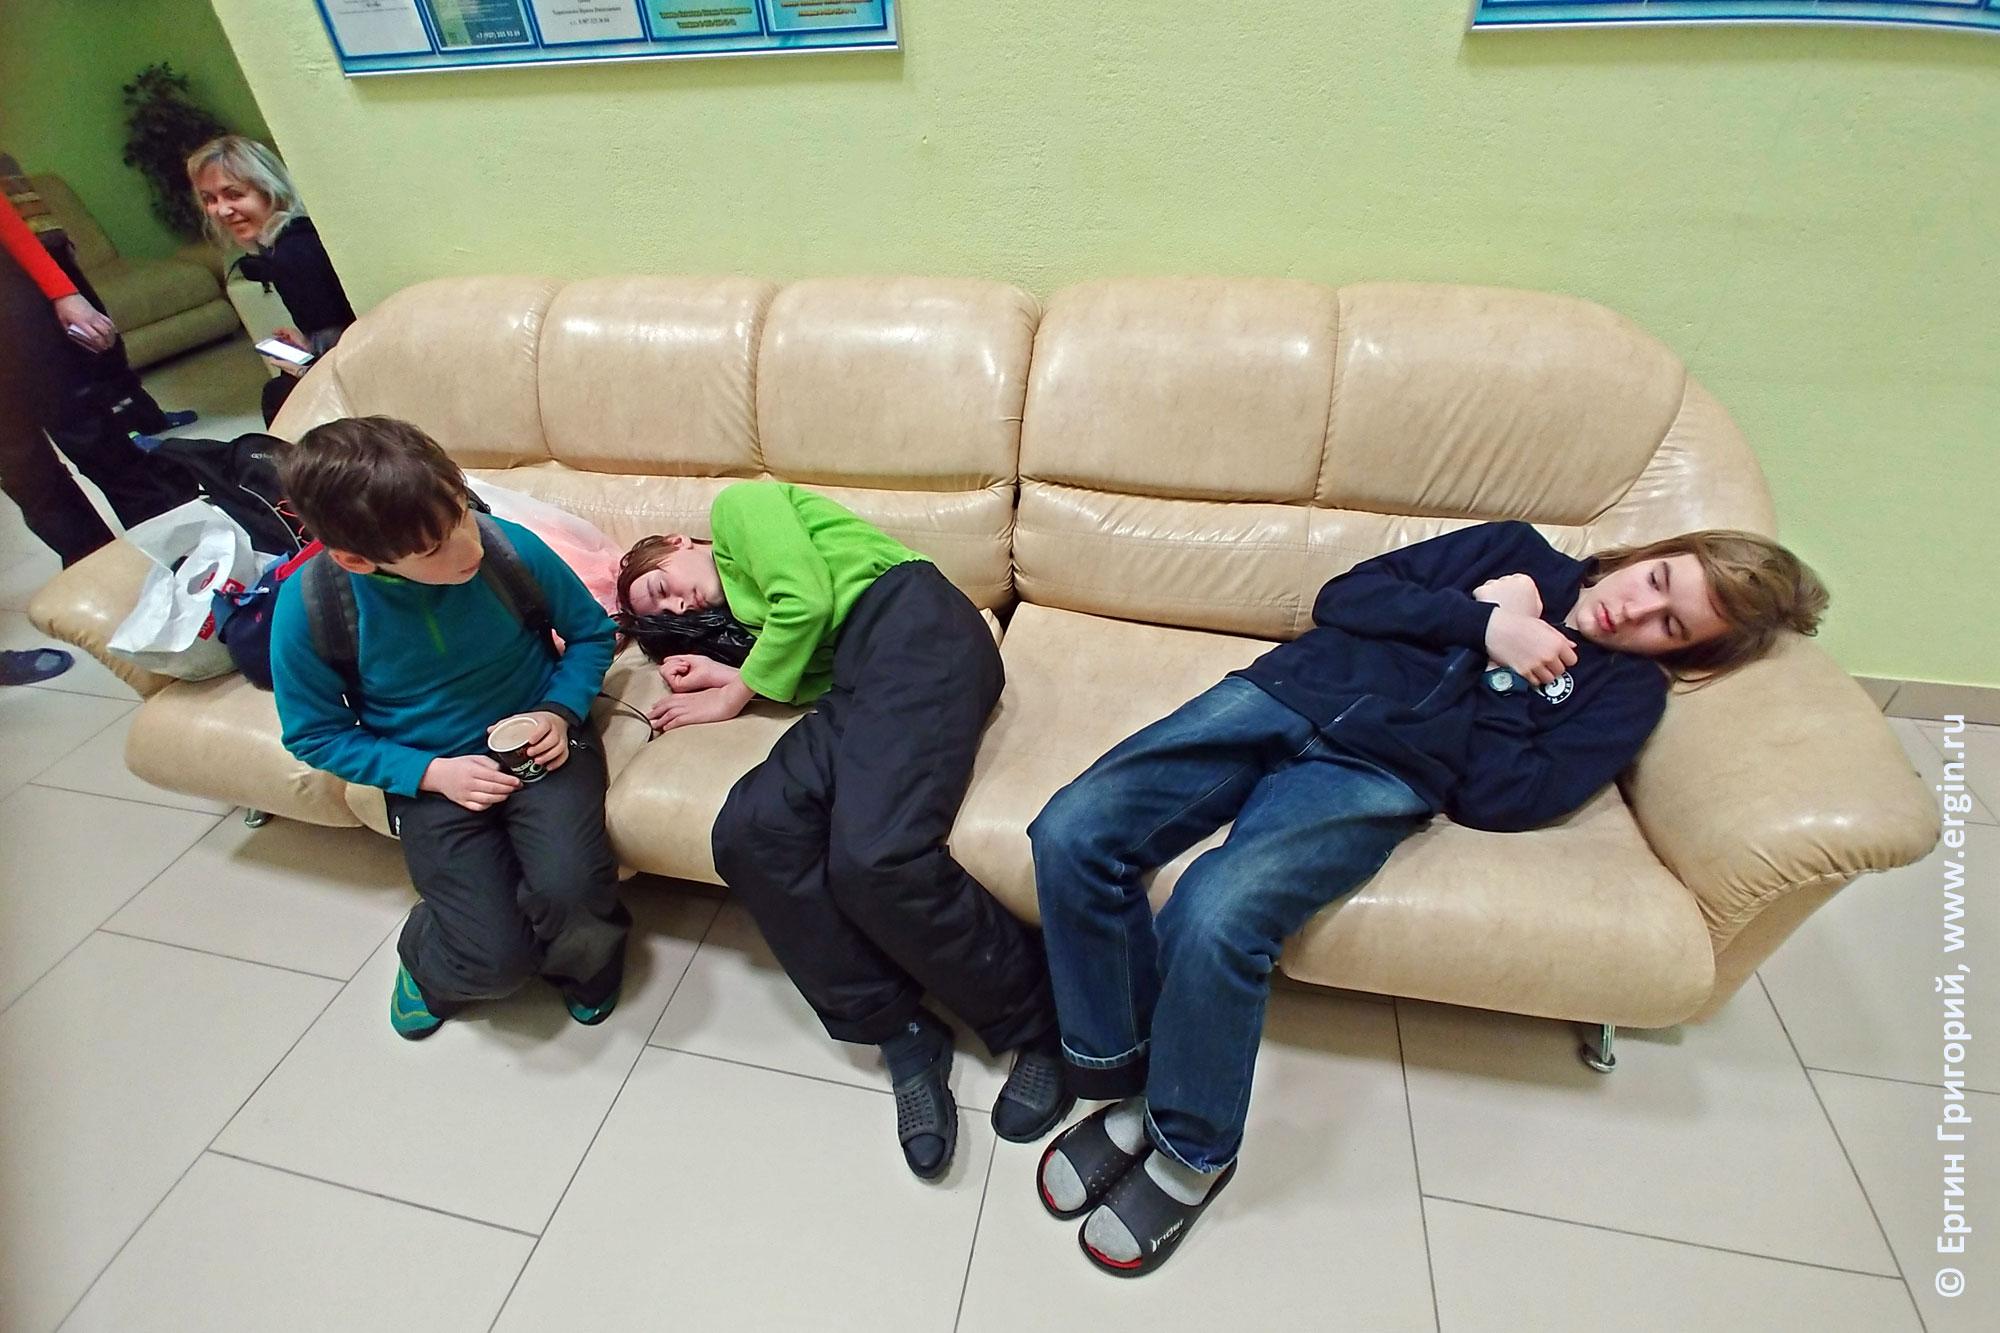 Каякеры юниоры спят на диване перед соревнованиями